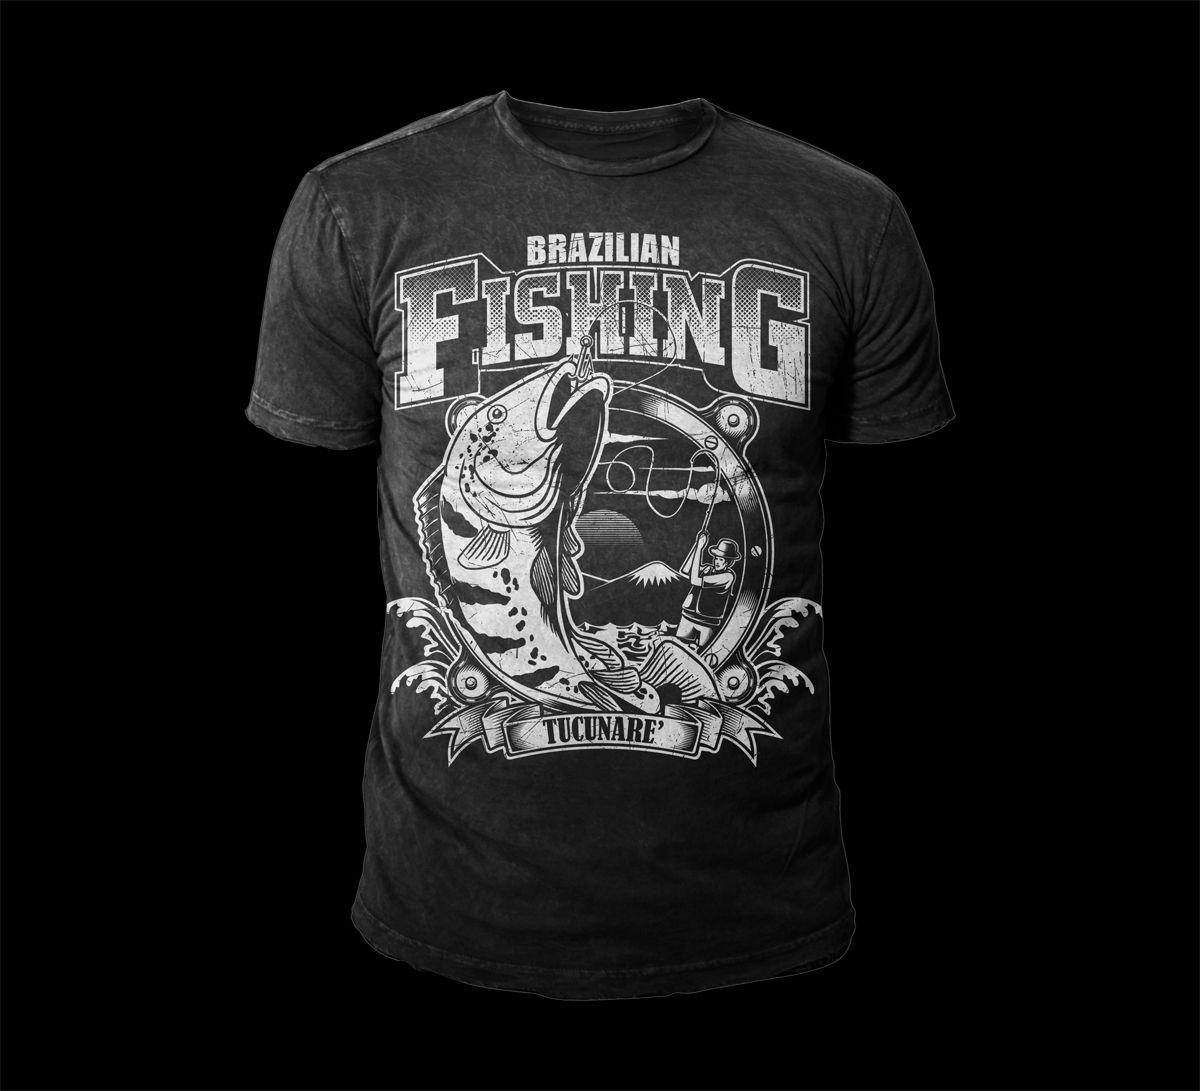 Fish lovers t shirt Tshirt designs, Fishing t shirts